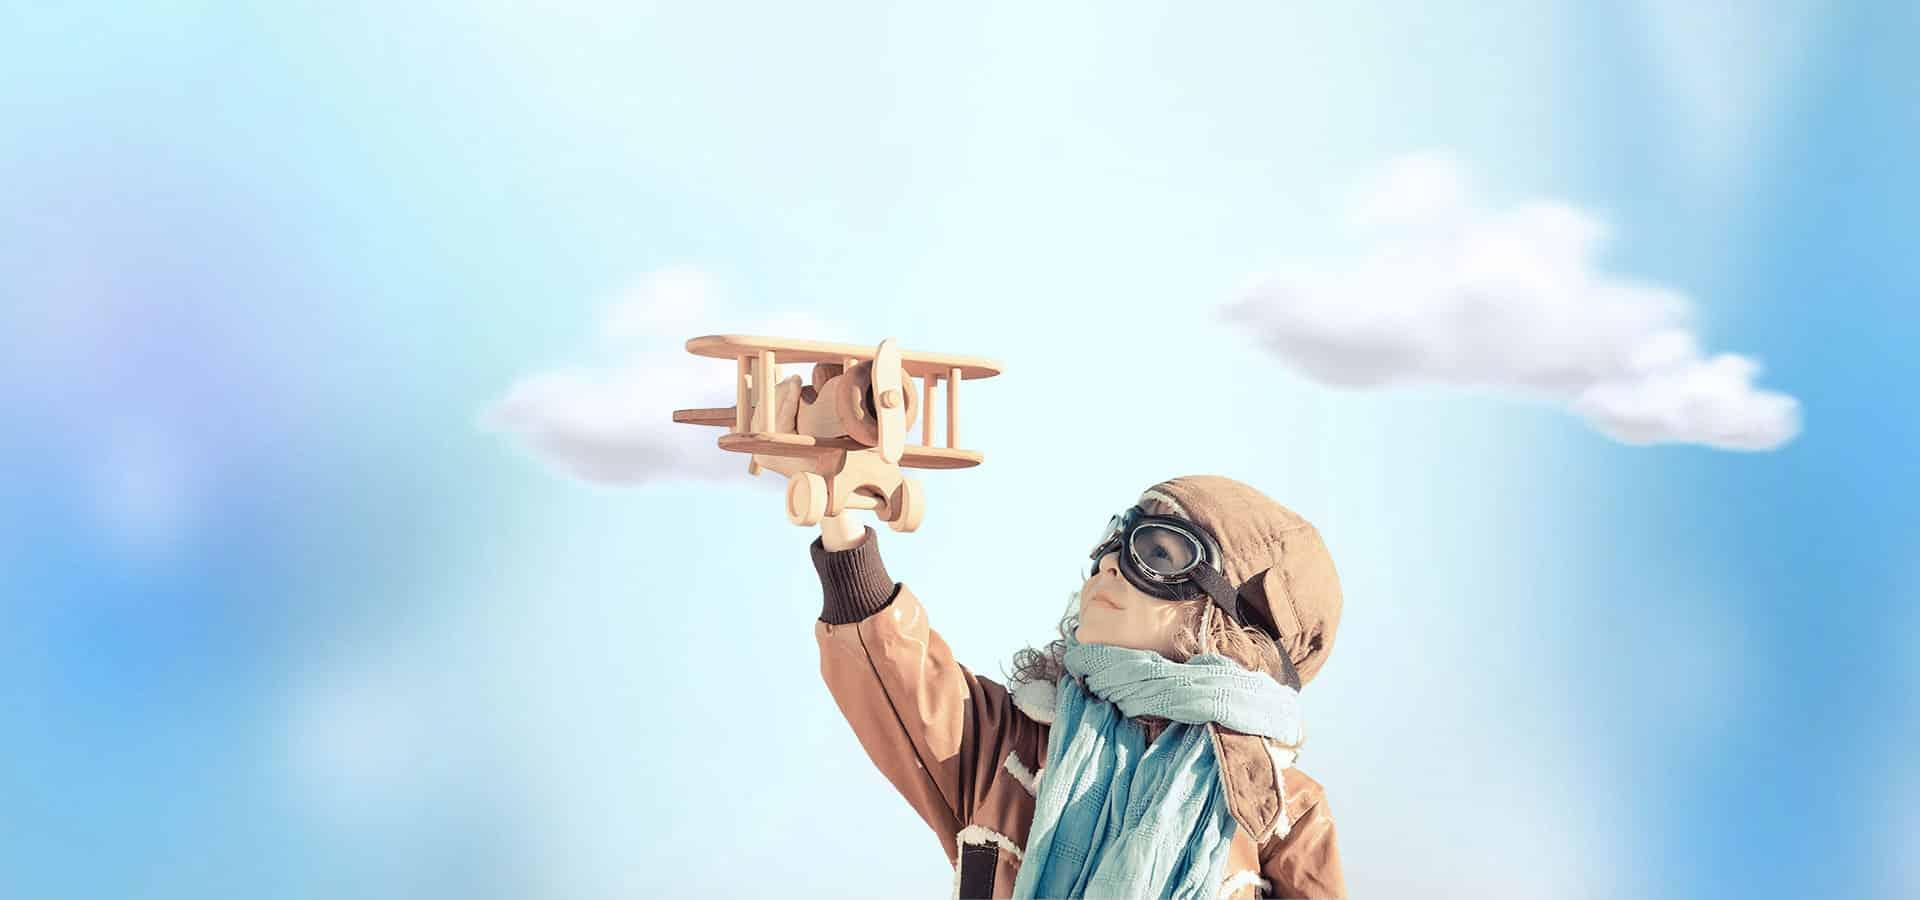 petite fille joue avec un jouet avion